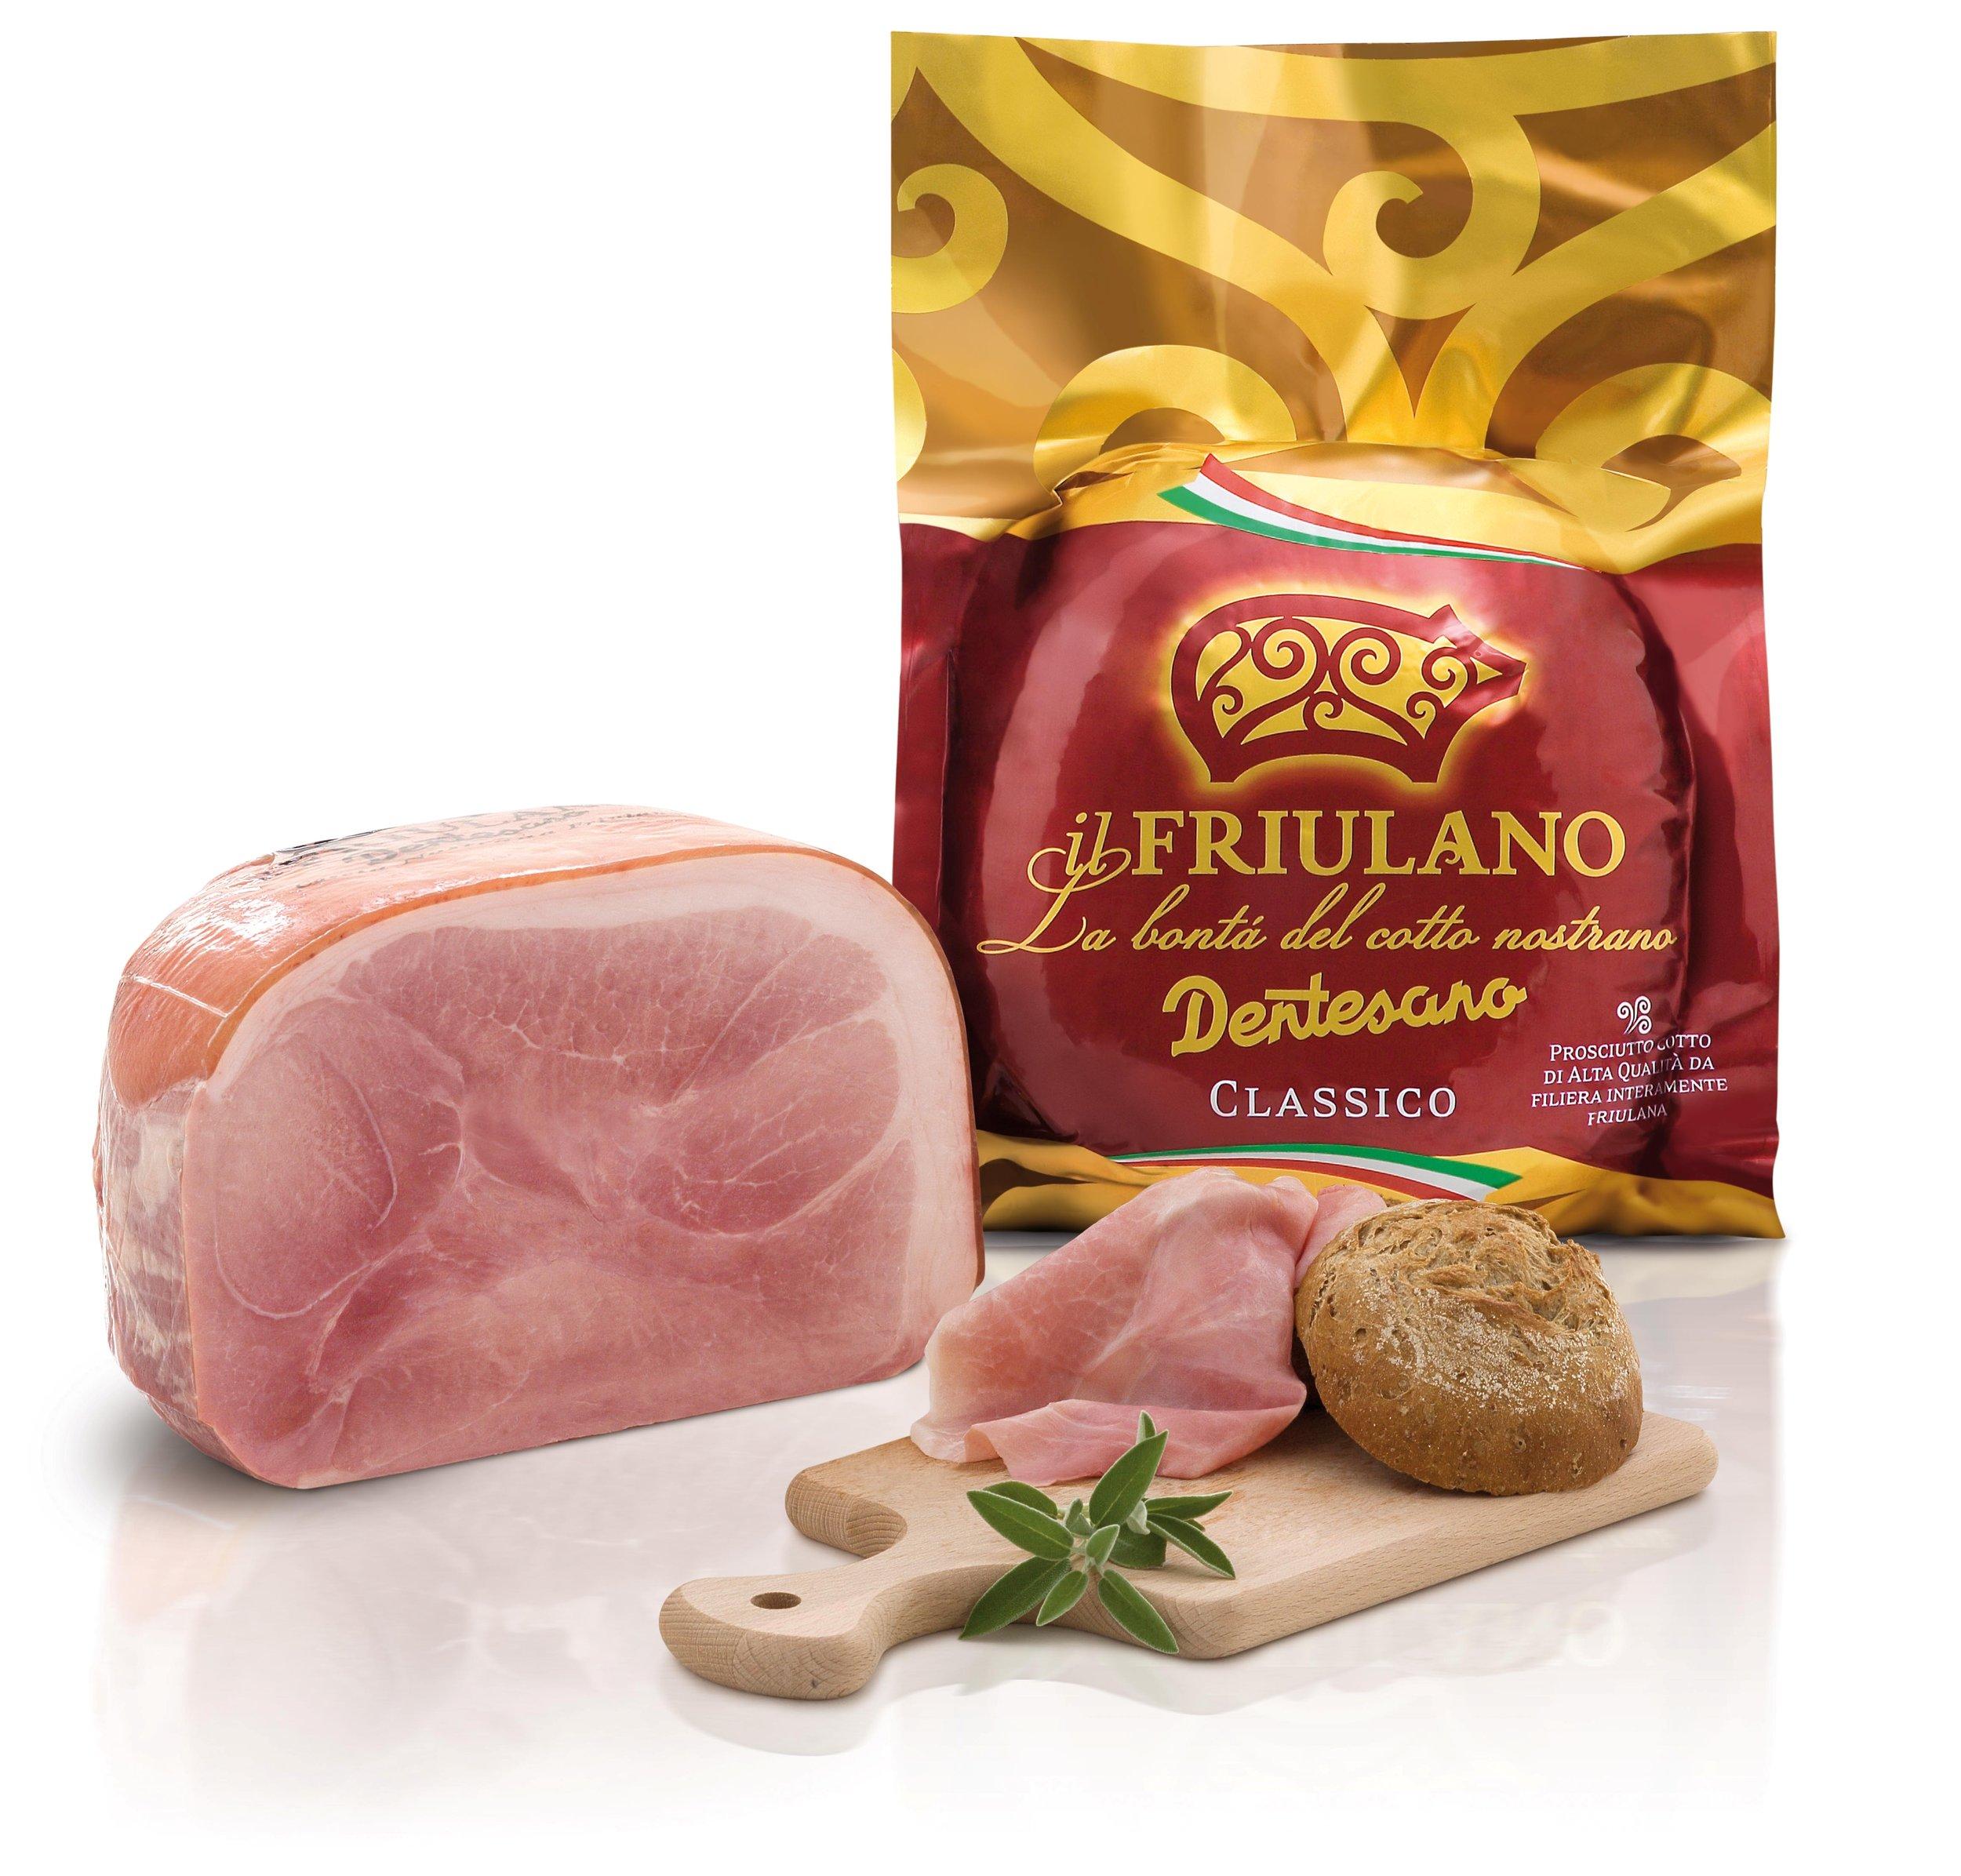 Il Friulano Genuino - Prosciutto cotto alta qualità fatto con soli 4 ingredienti certificati da filiera AQuA